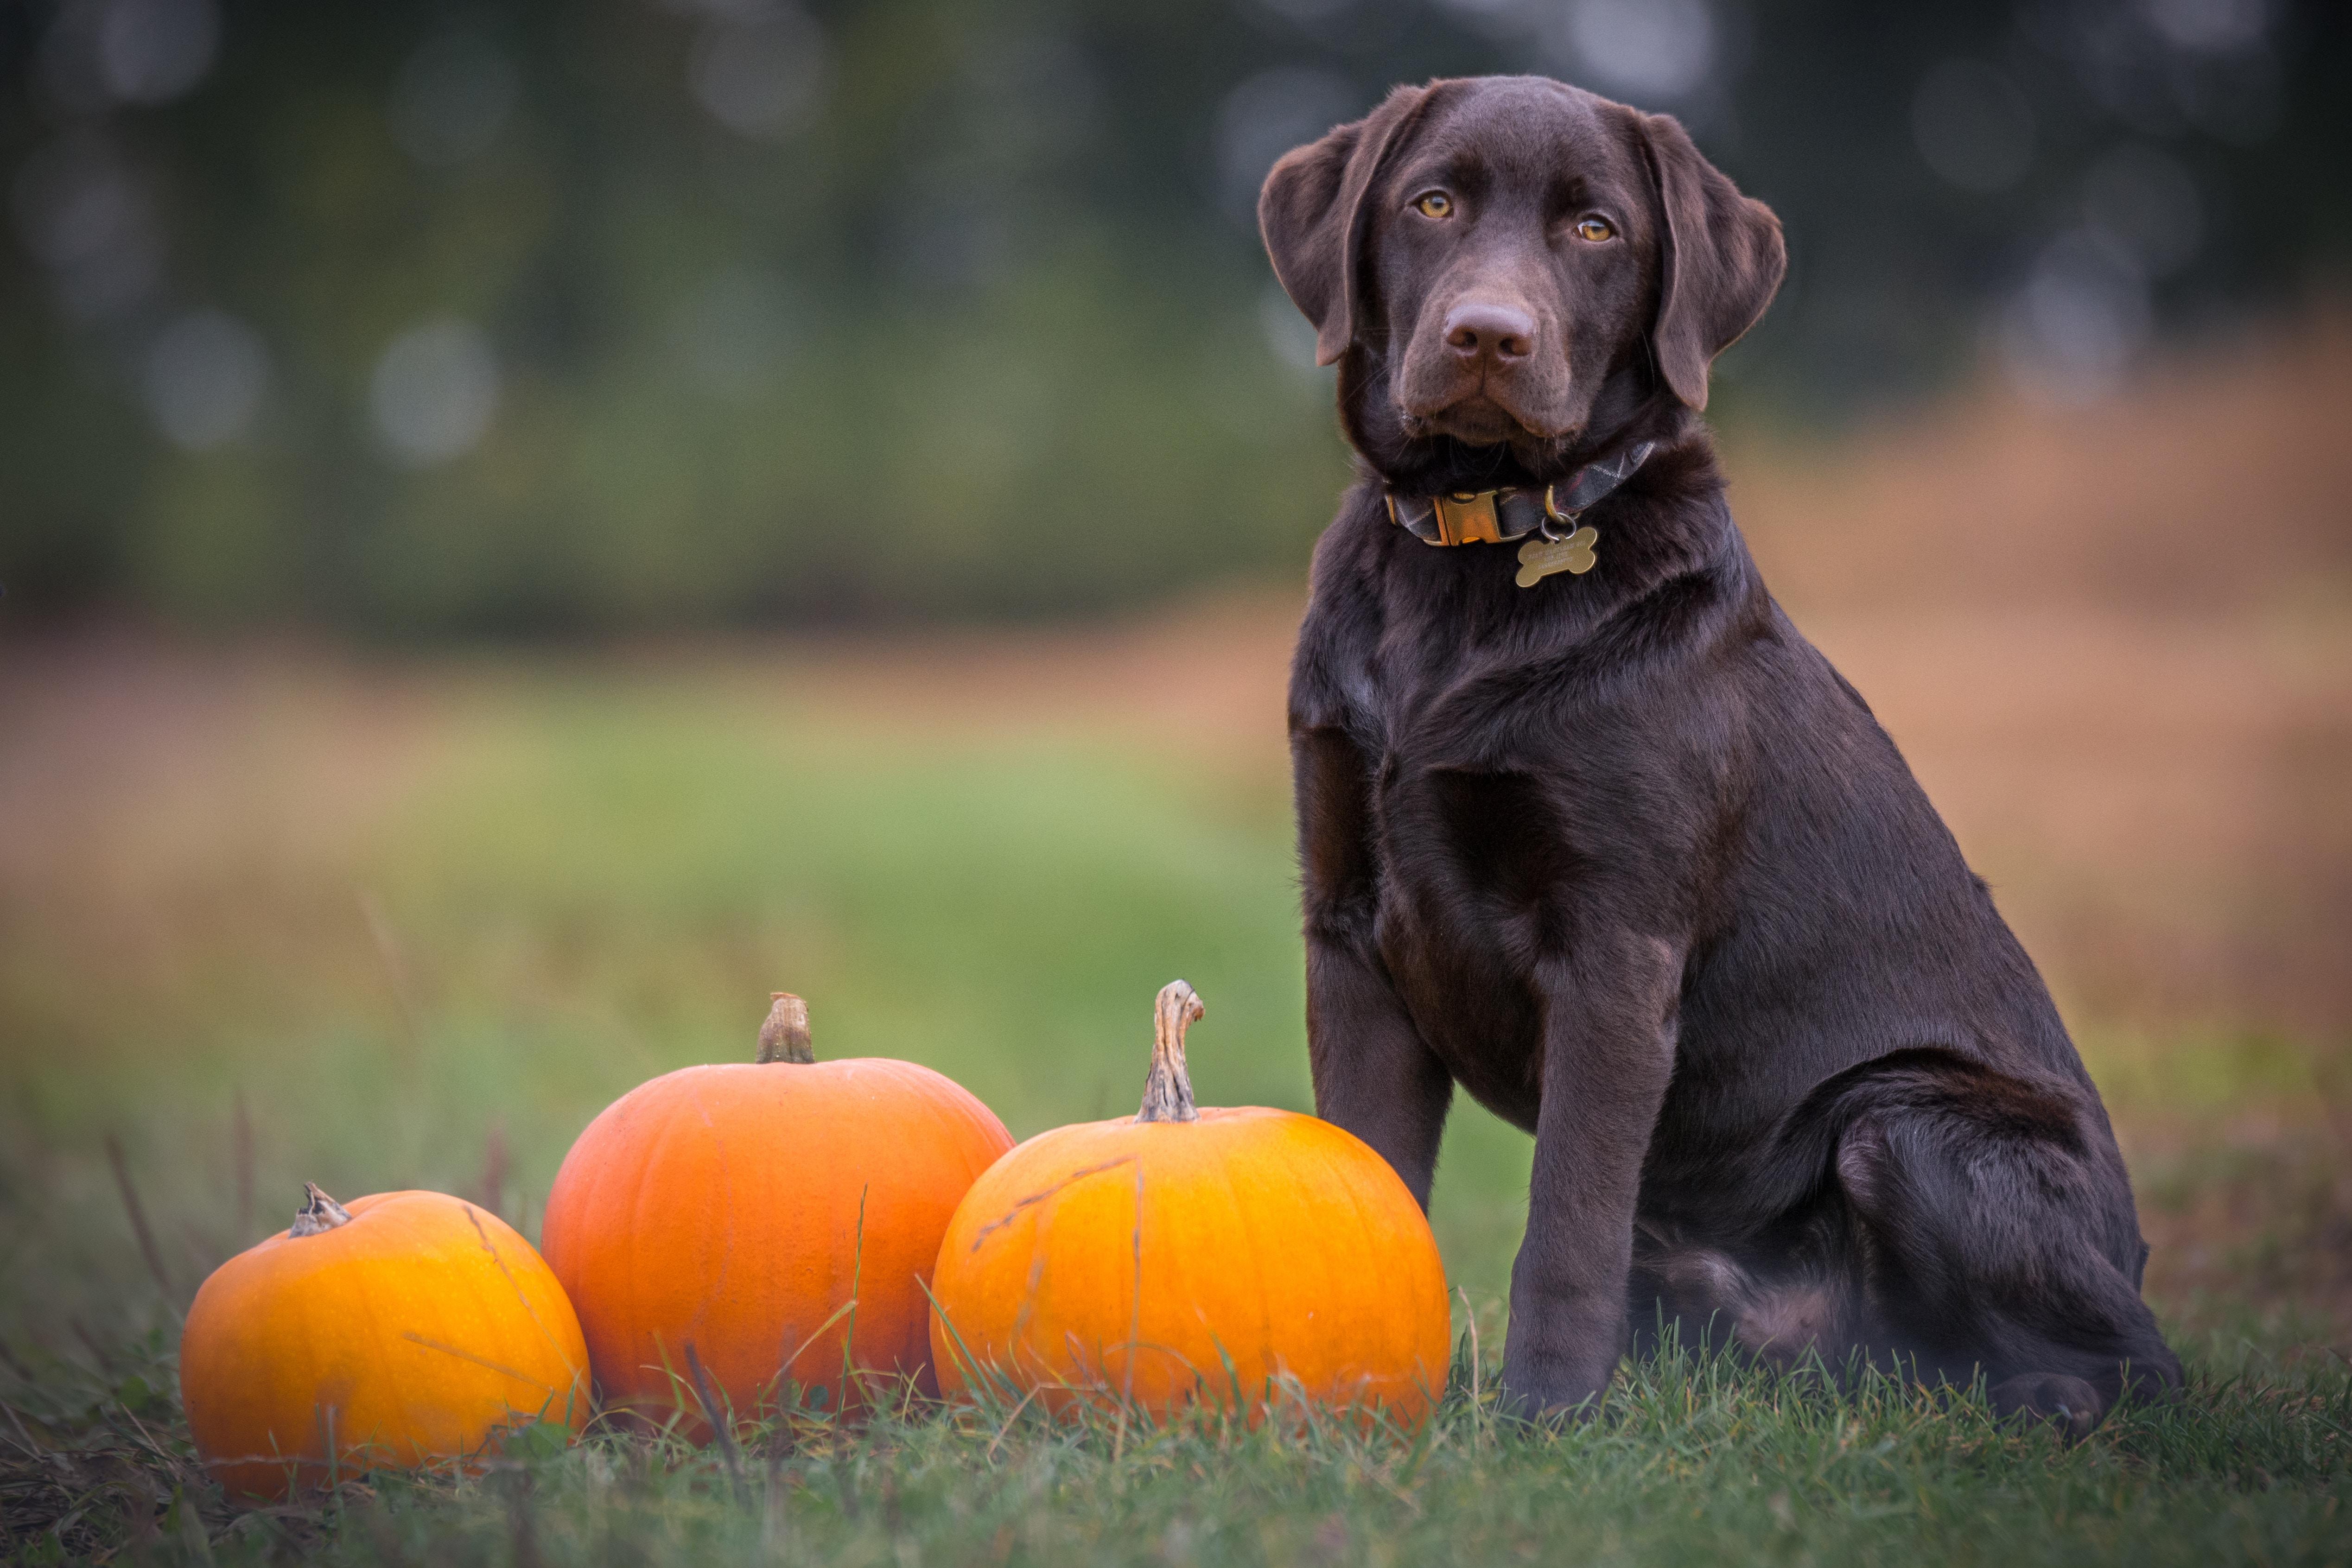 PETA's 4-stappenplan om dieren te beschermen tijdens herfstfeestdagen zoals Halloween